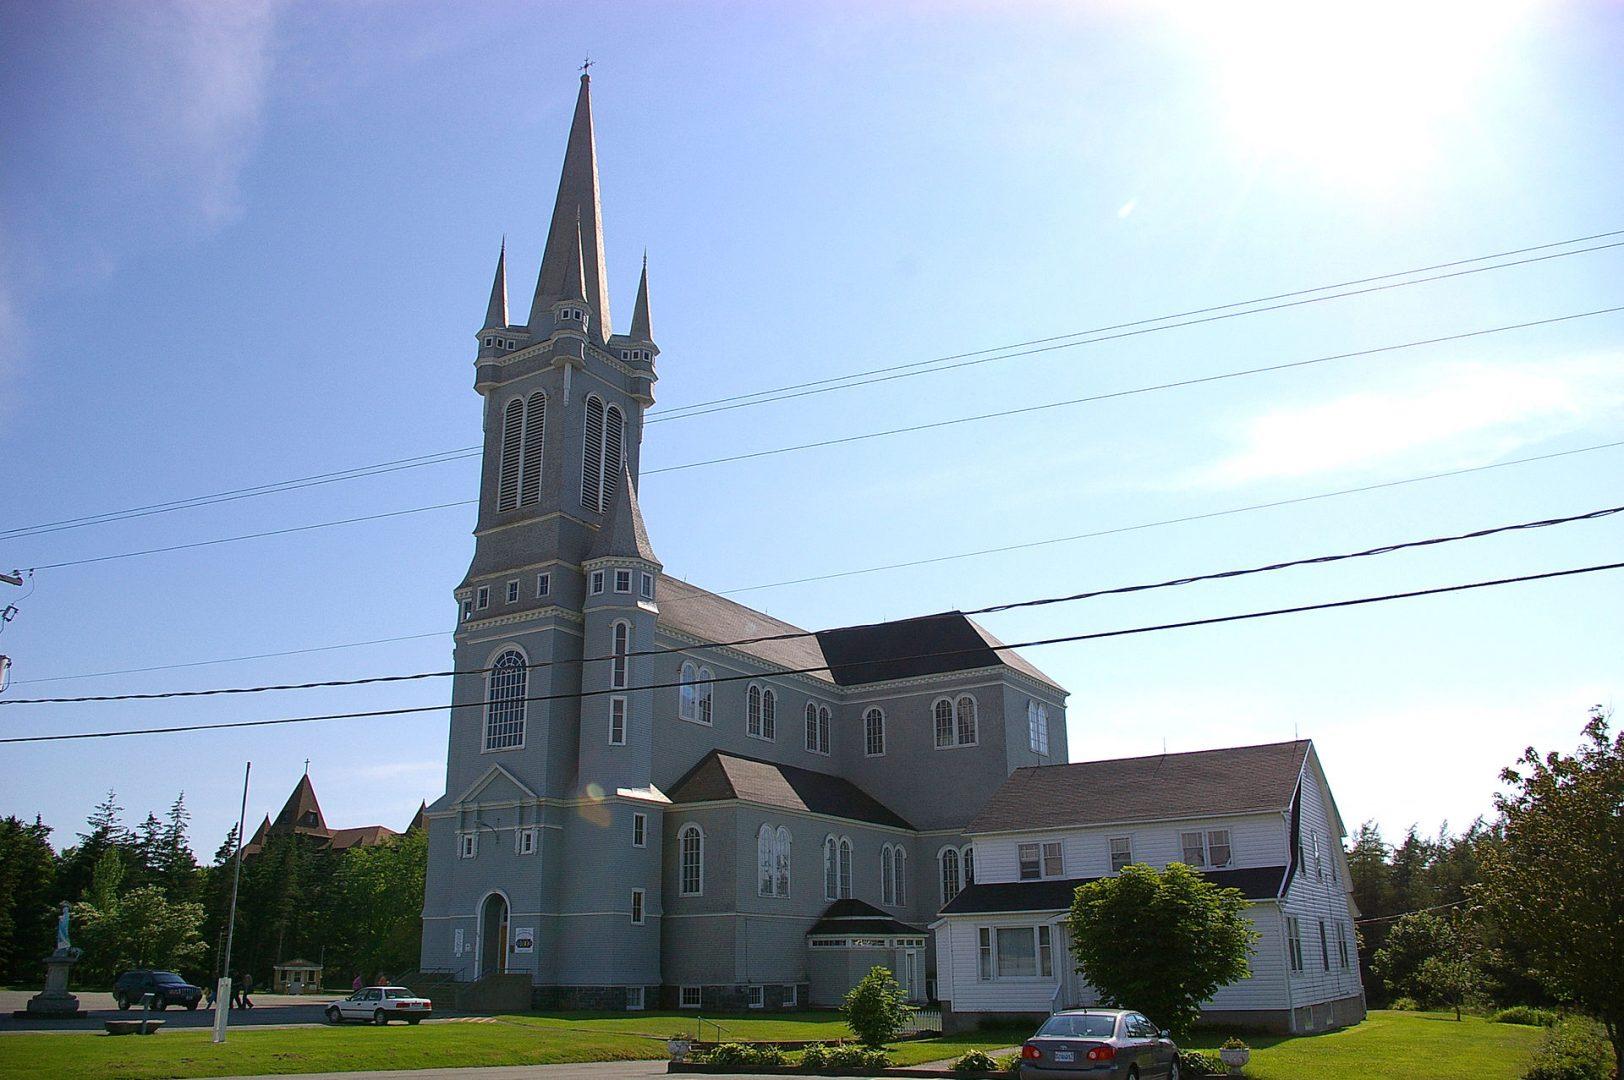 Photo de l'Église St-Marys à Pointe-de-l'Église (photo par Exe30 de Wikipédia).